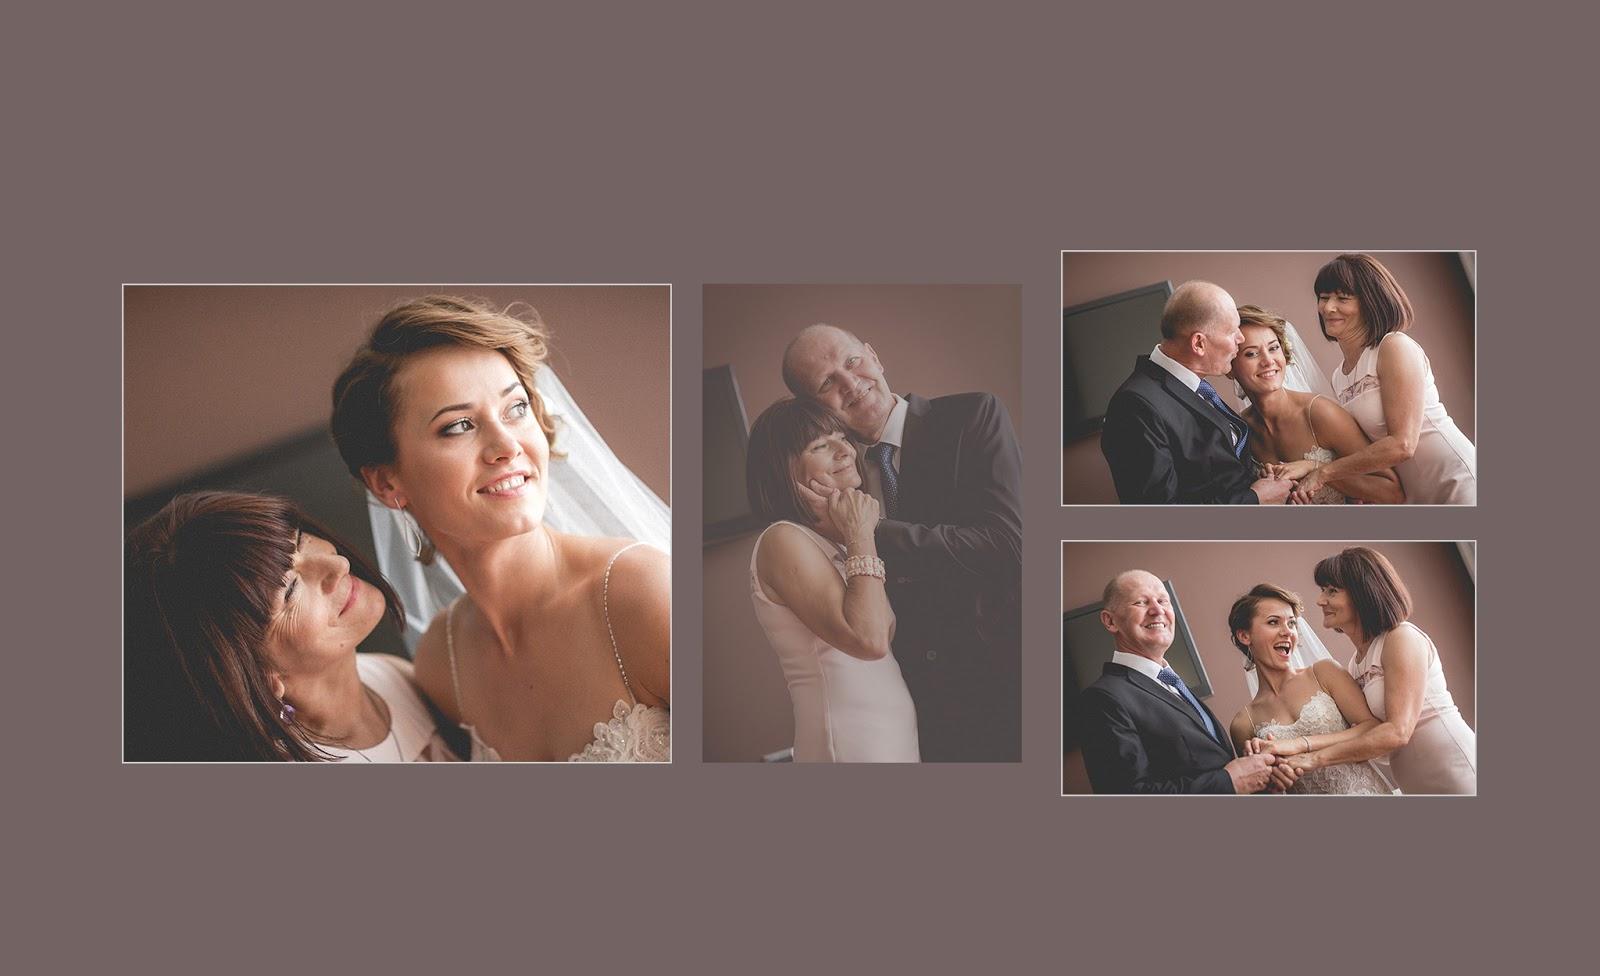 #ZdjęciaSłomińskiego - Fotografia ślubna @fotoslominski Zdjęcia z rodzicami www.fotoslominski.pl #rt.